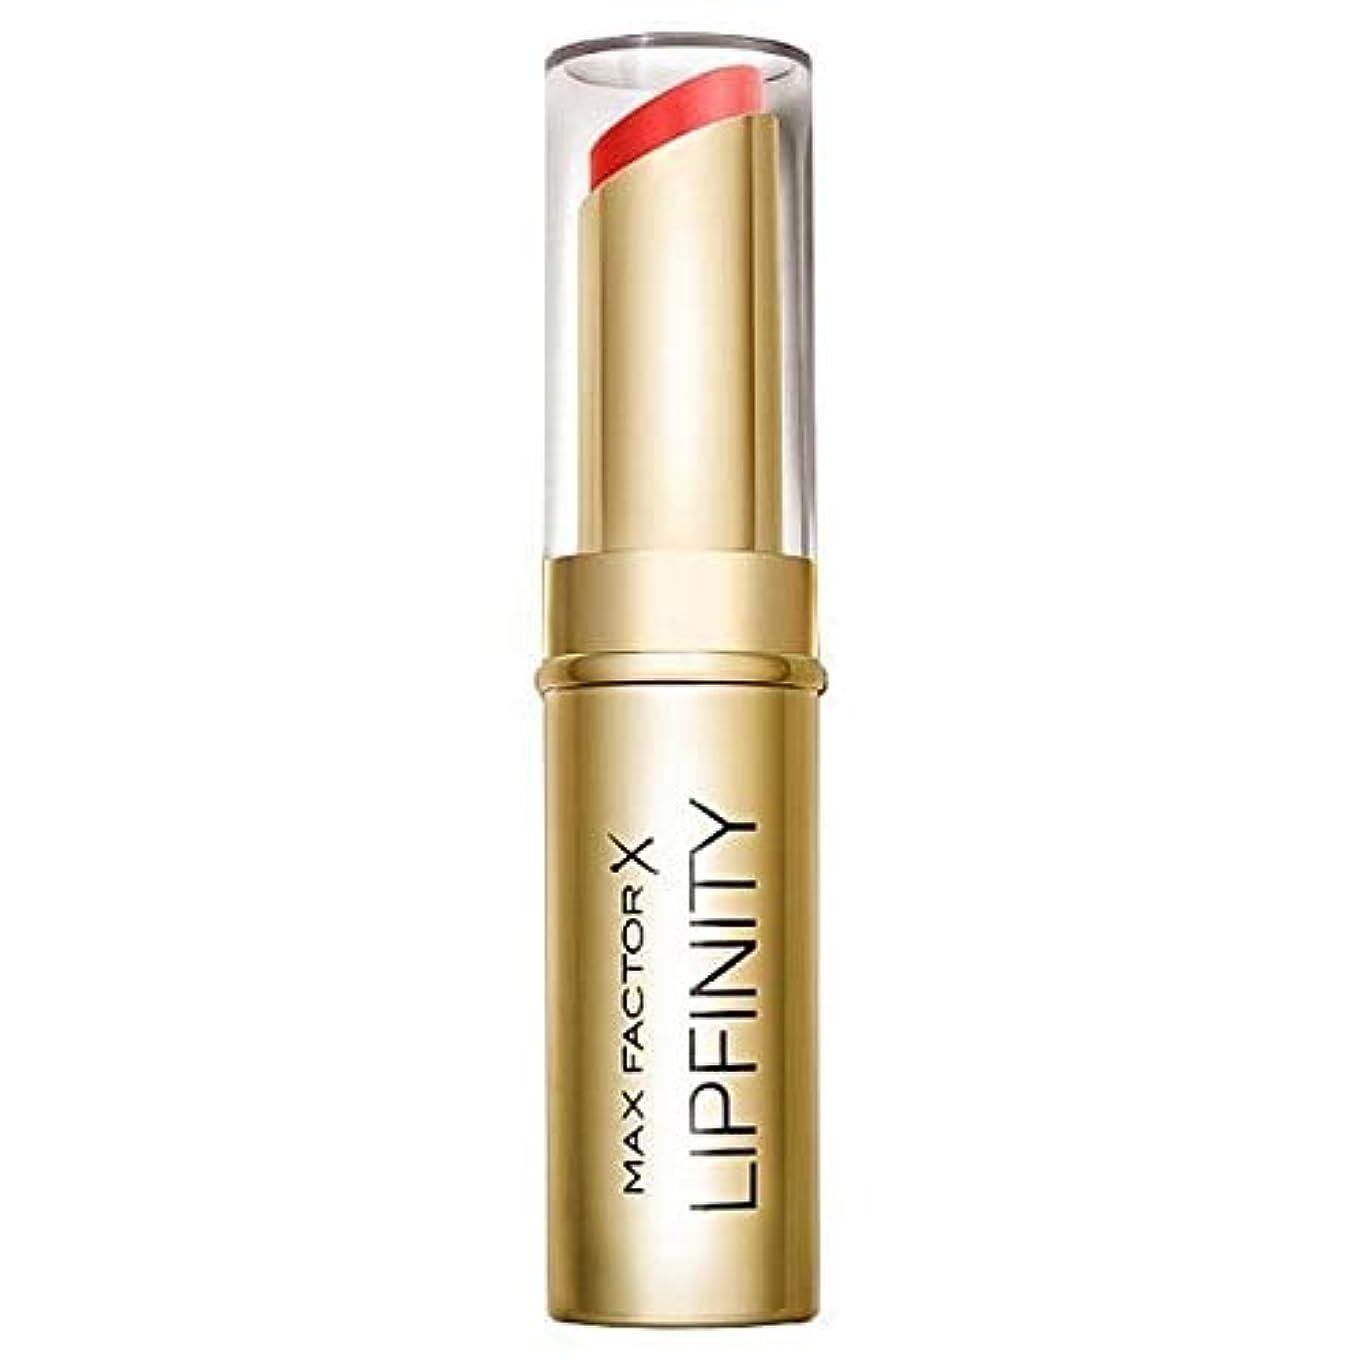 リマ論文整理する[Max Factor ] 長い口紅だけの豪華持続マックスファクターLipfinity - Max Factor Lipfinity Long Lasting Lipstick Just Deluxe [並行輸入品]